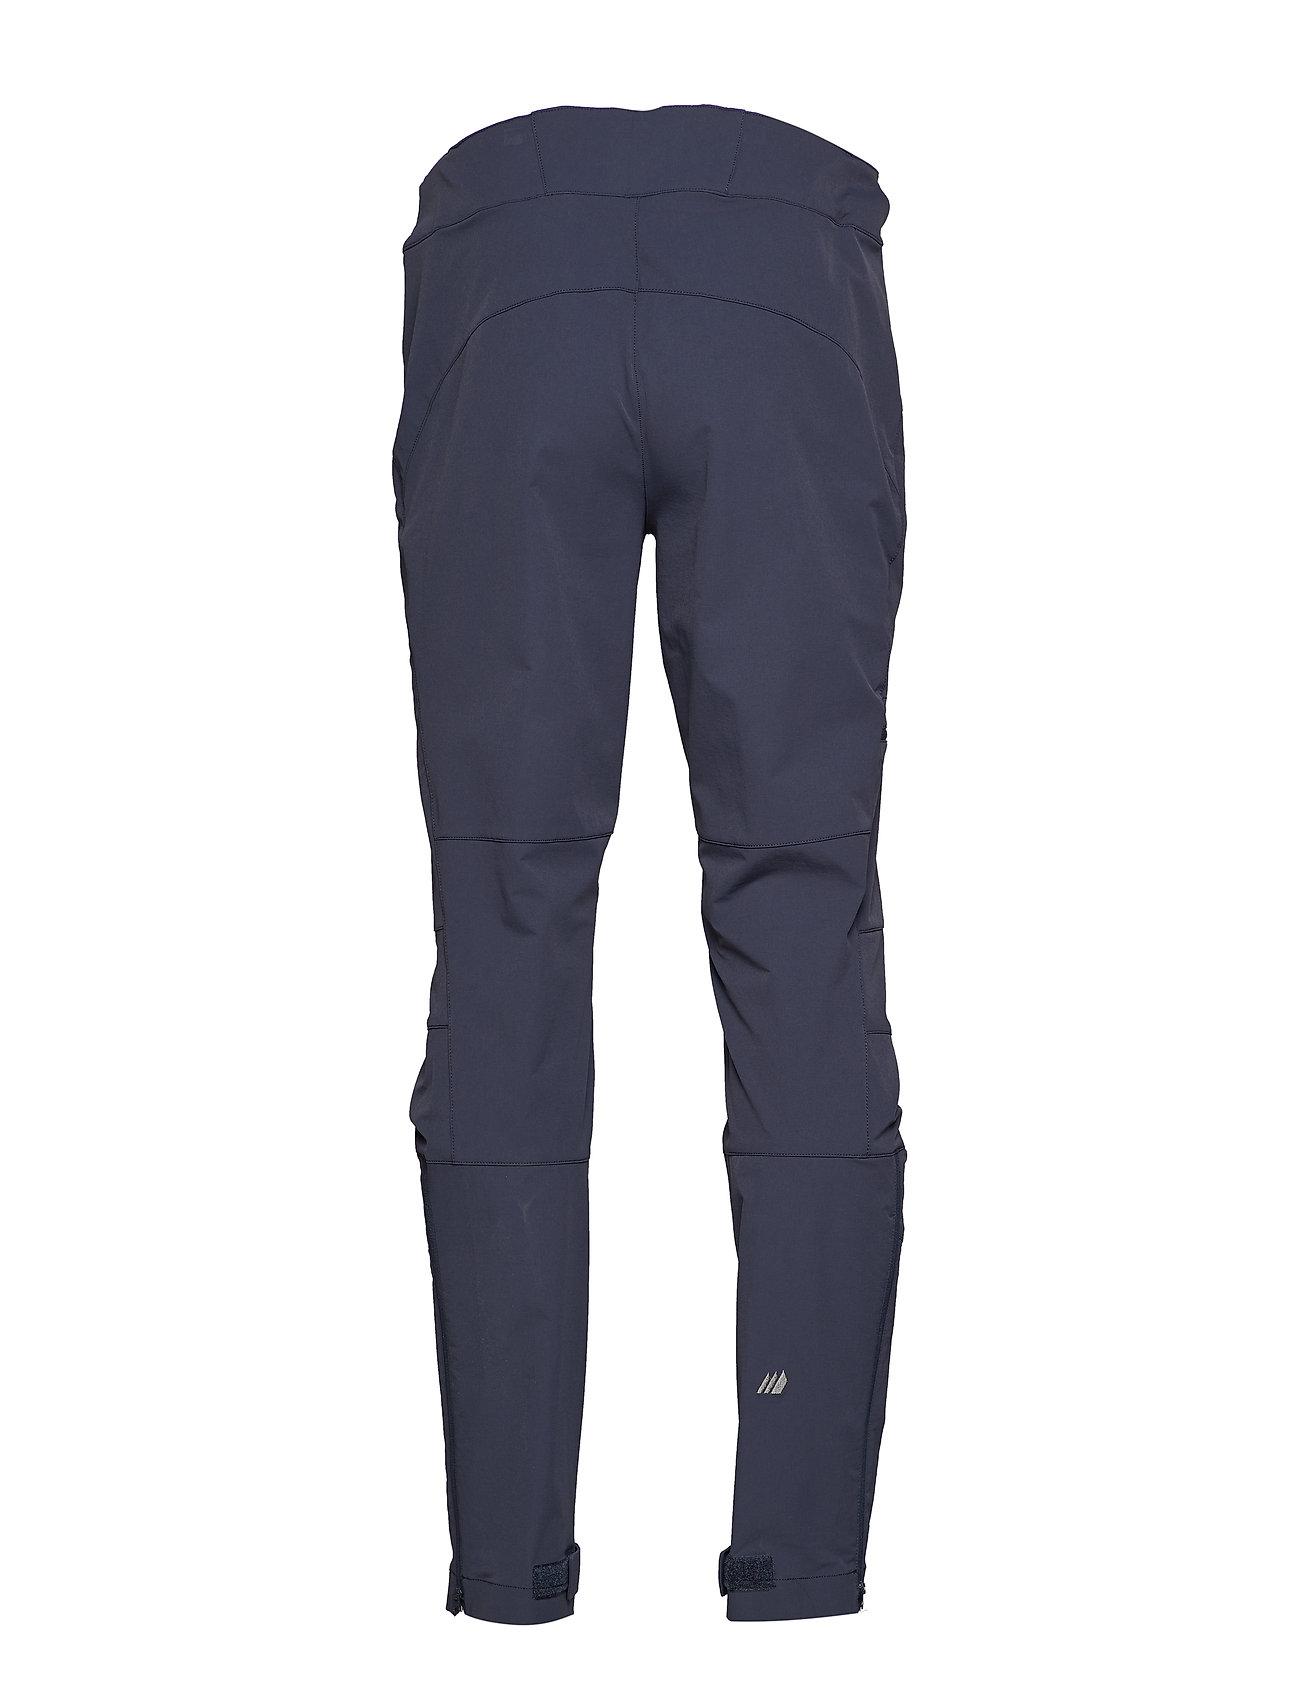 f09f2fd18c43 ... Skogstad Larstinden Sports Sports Sports Trousers Byxor 682a36